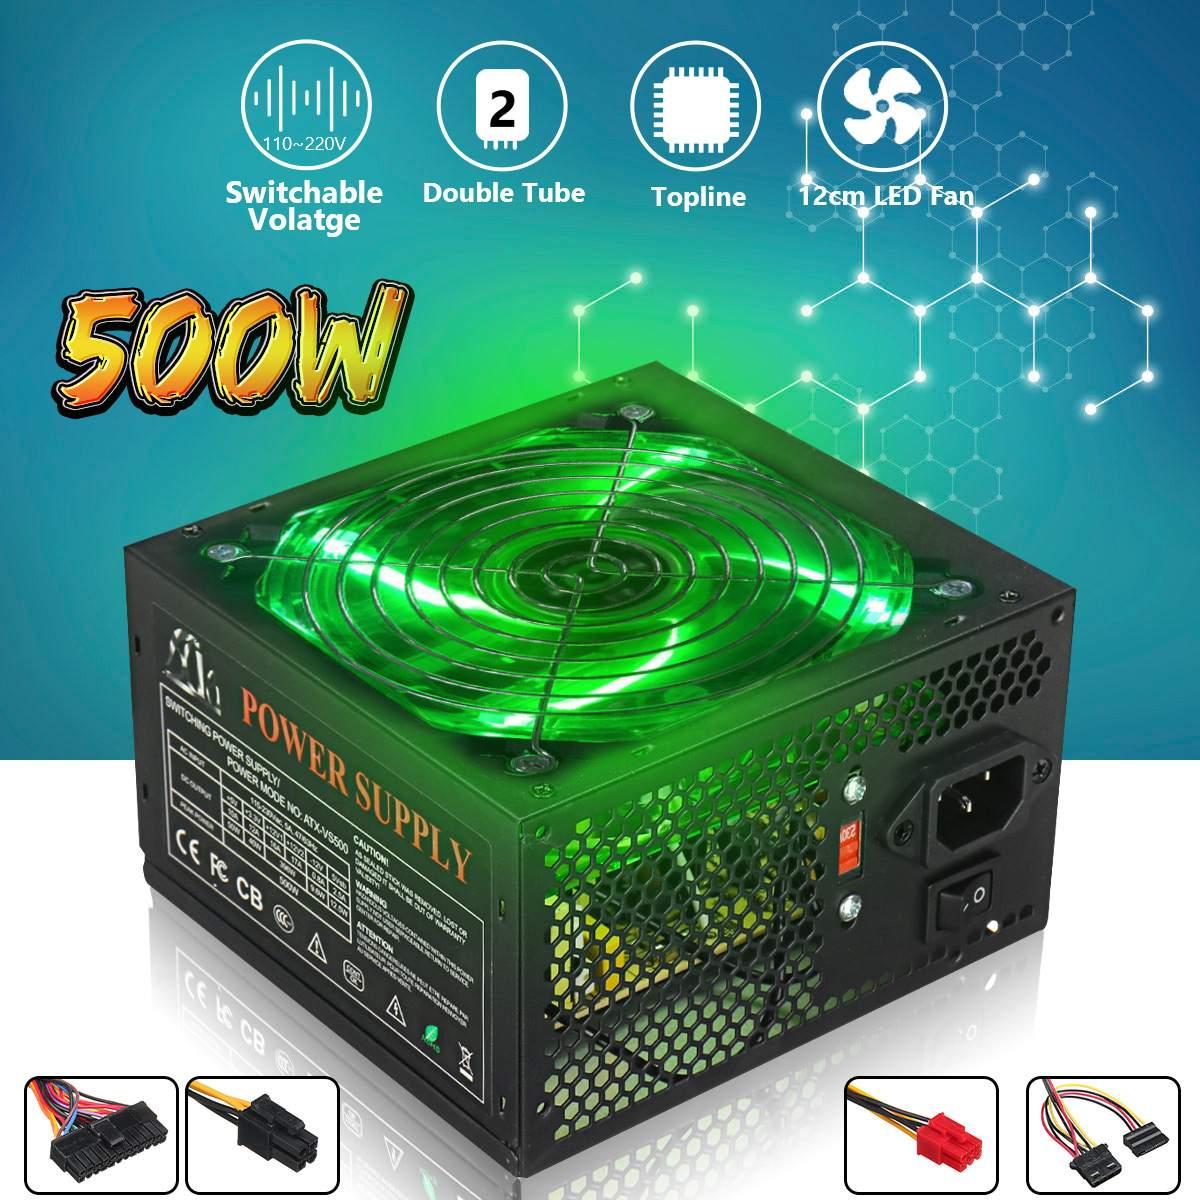 500W alimentation 120mm ventilateur LED 24 broches PCI SATA ATX 12V PC ordinateur alimentation pour jeu de bureau